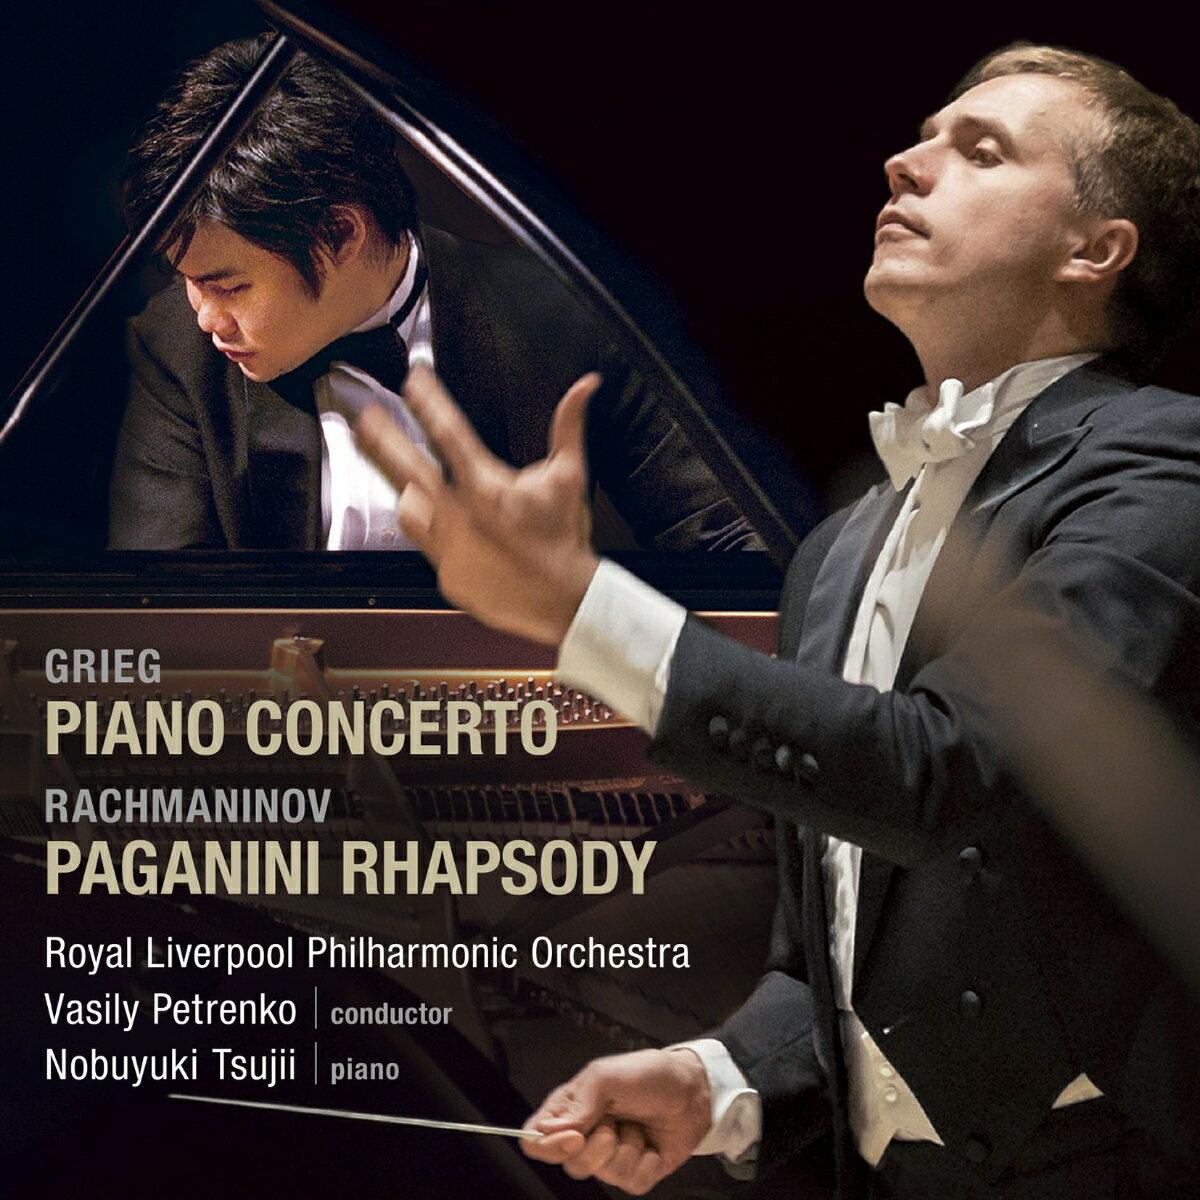 グリーグ:ピアノ協奏曲 イ短調 /ラフマニノフ:パガニーニの主題による狂詩曲 [ 辻井伸行 ]